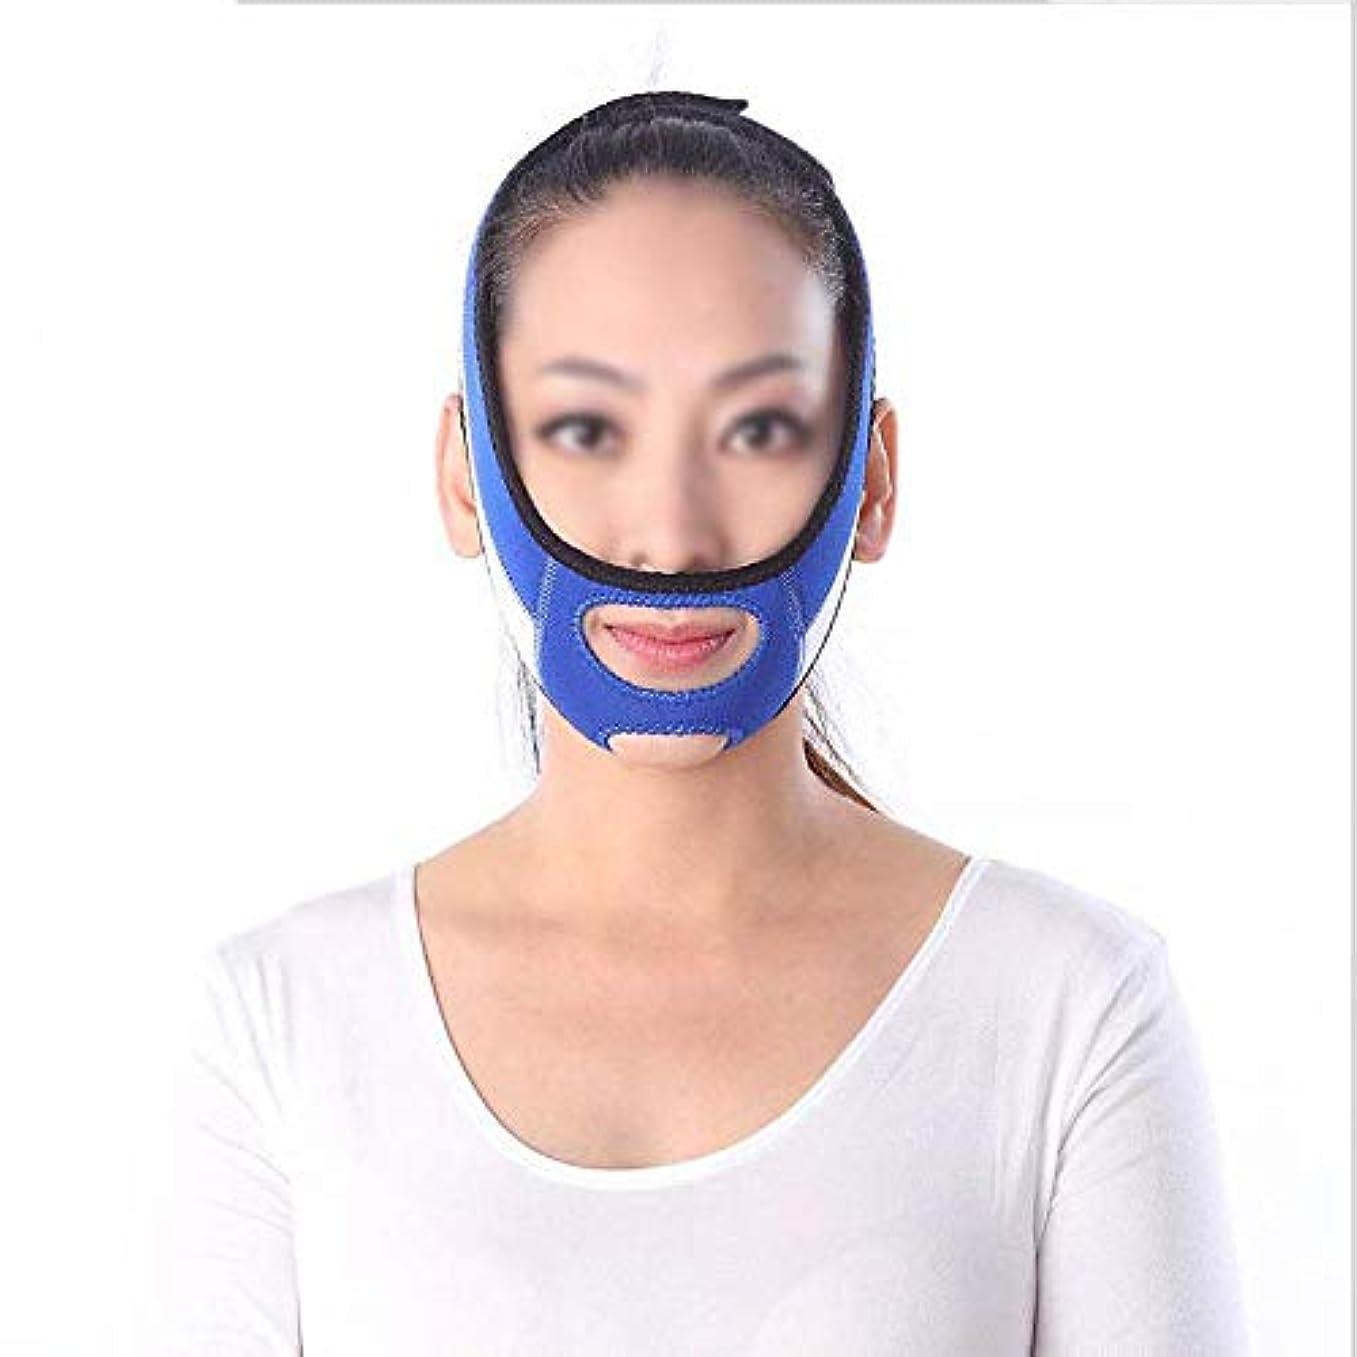 バスタブ相対サイズに対応するフェイスリフティングマスク、リフティングローパターン包帯ライン彫刻修復ツールフェイスリフティングアーティファクト引き締め肌スモールVフェイスバンド